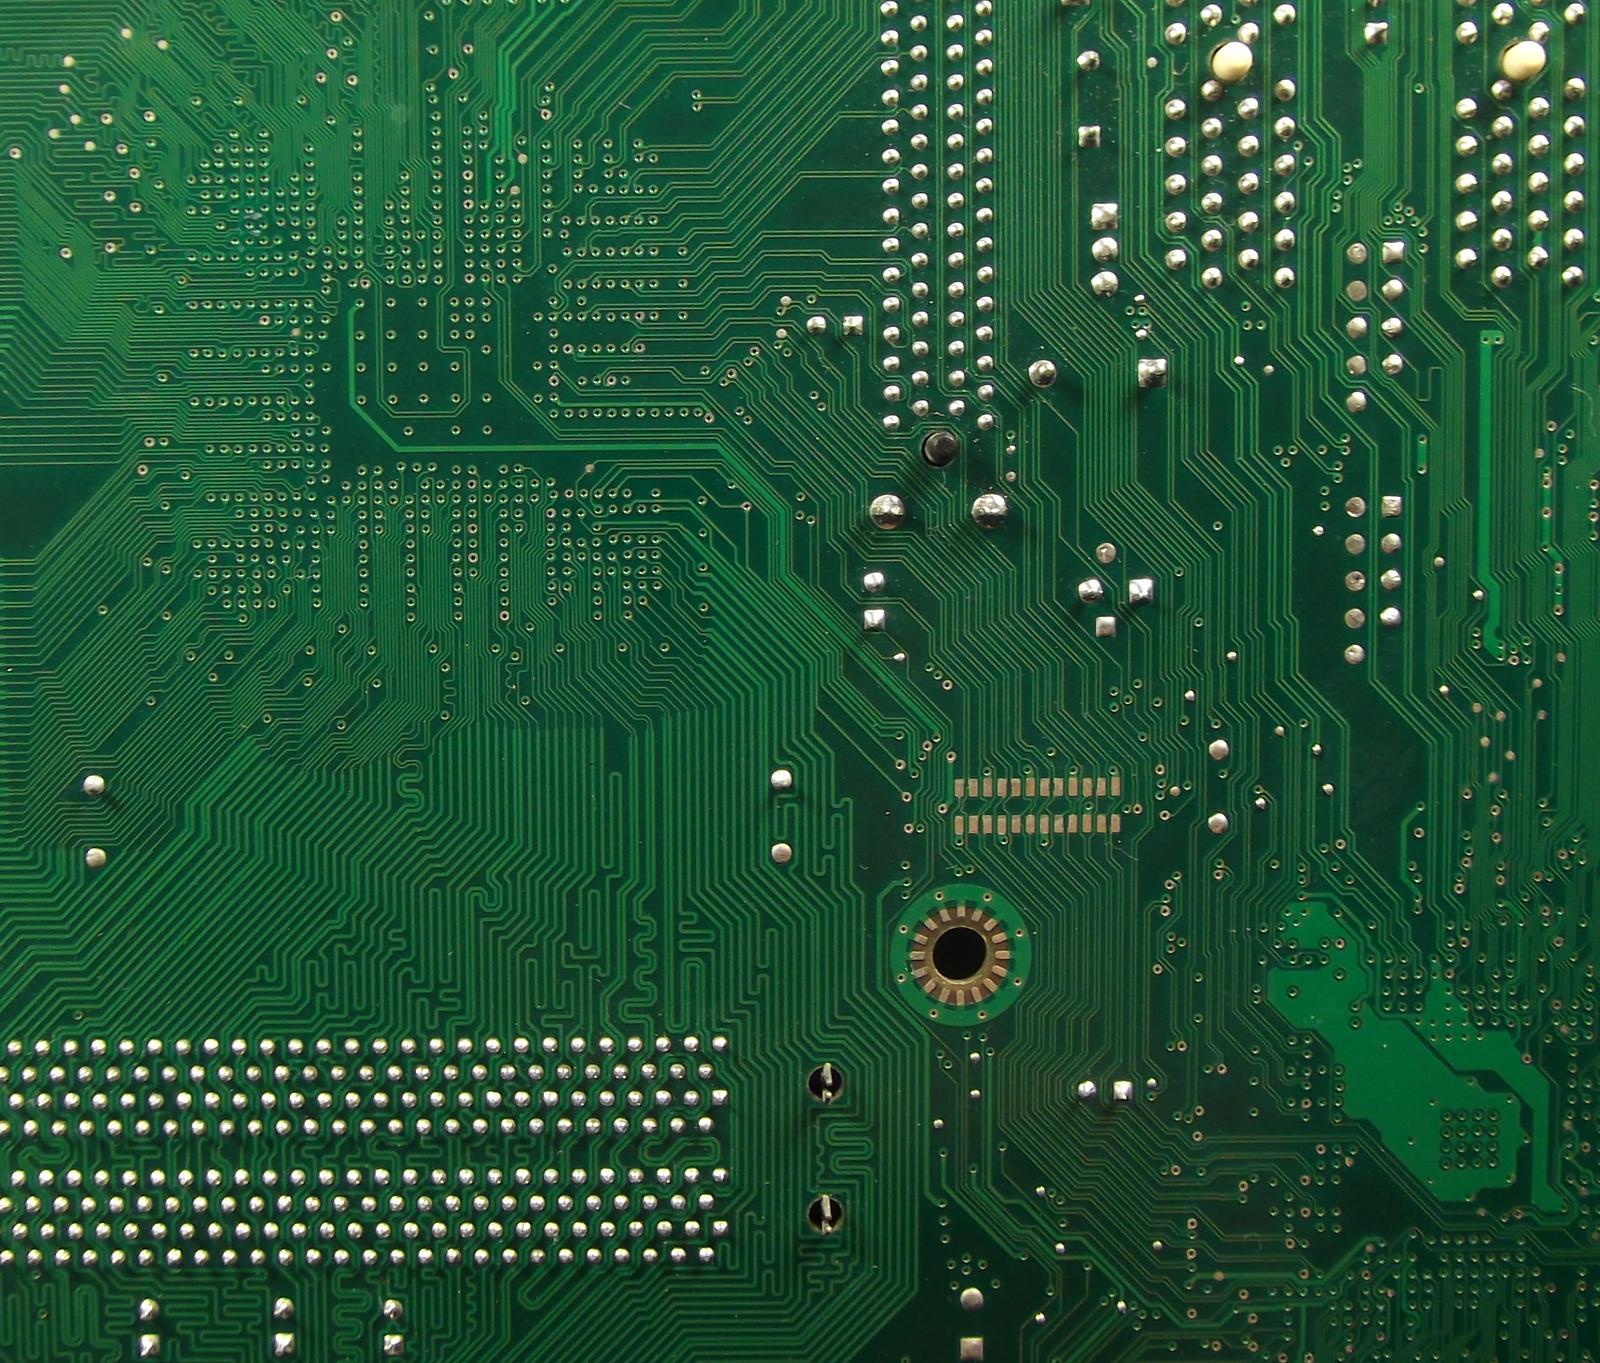 circuit texture - photo #18